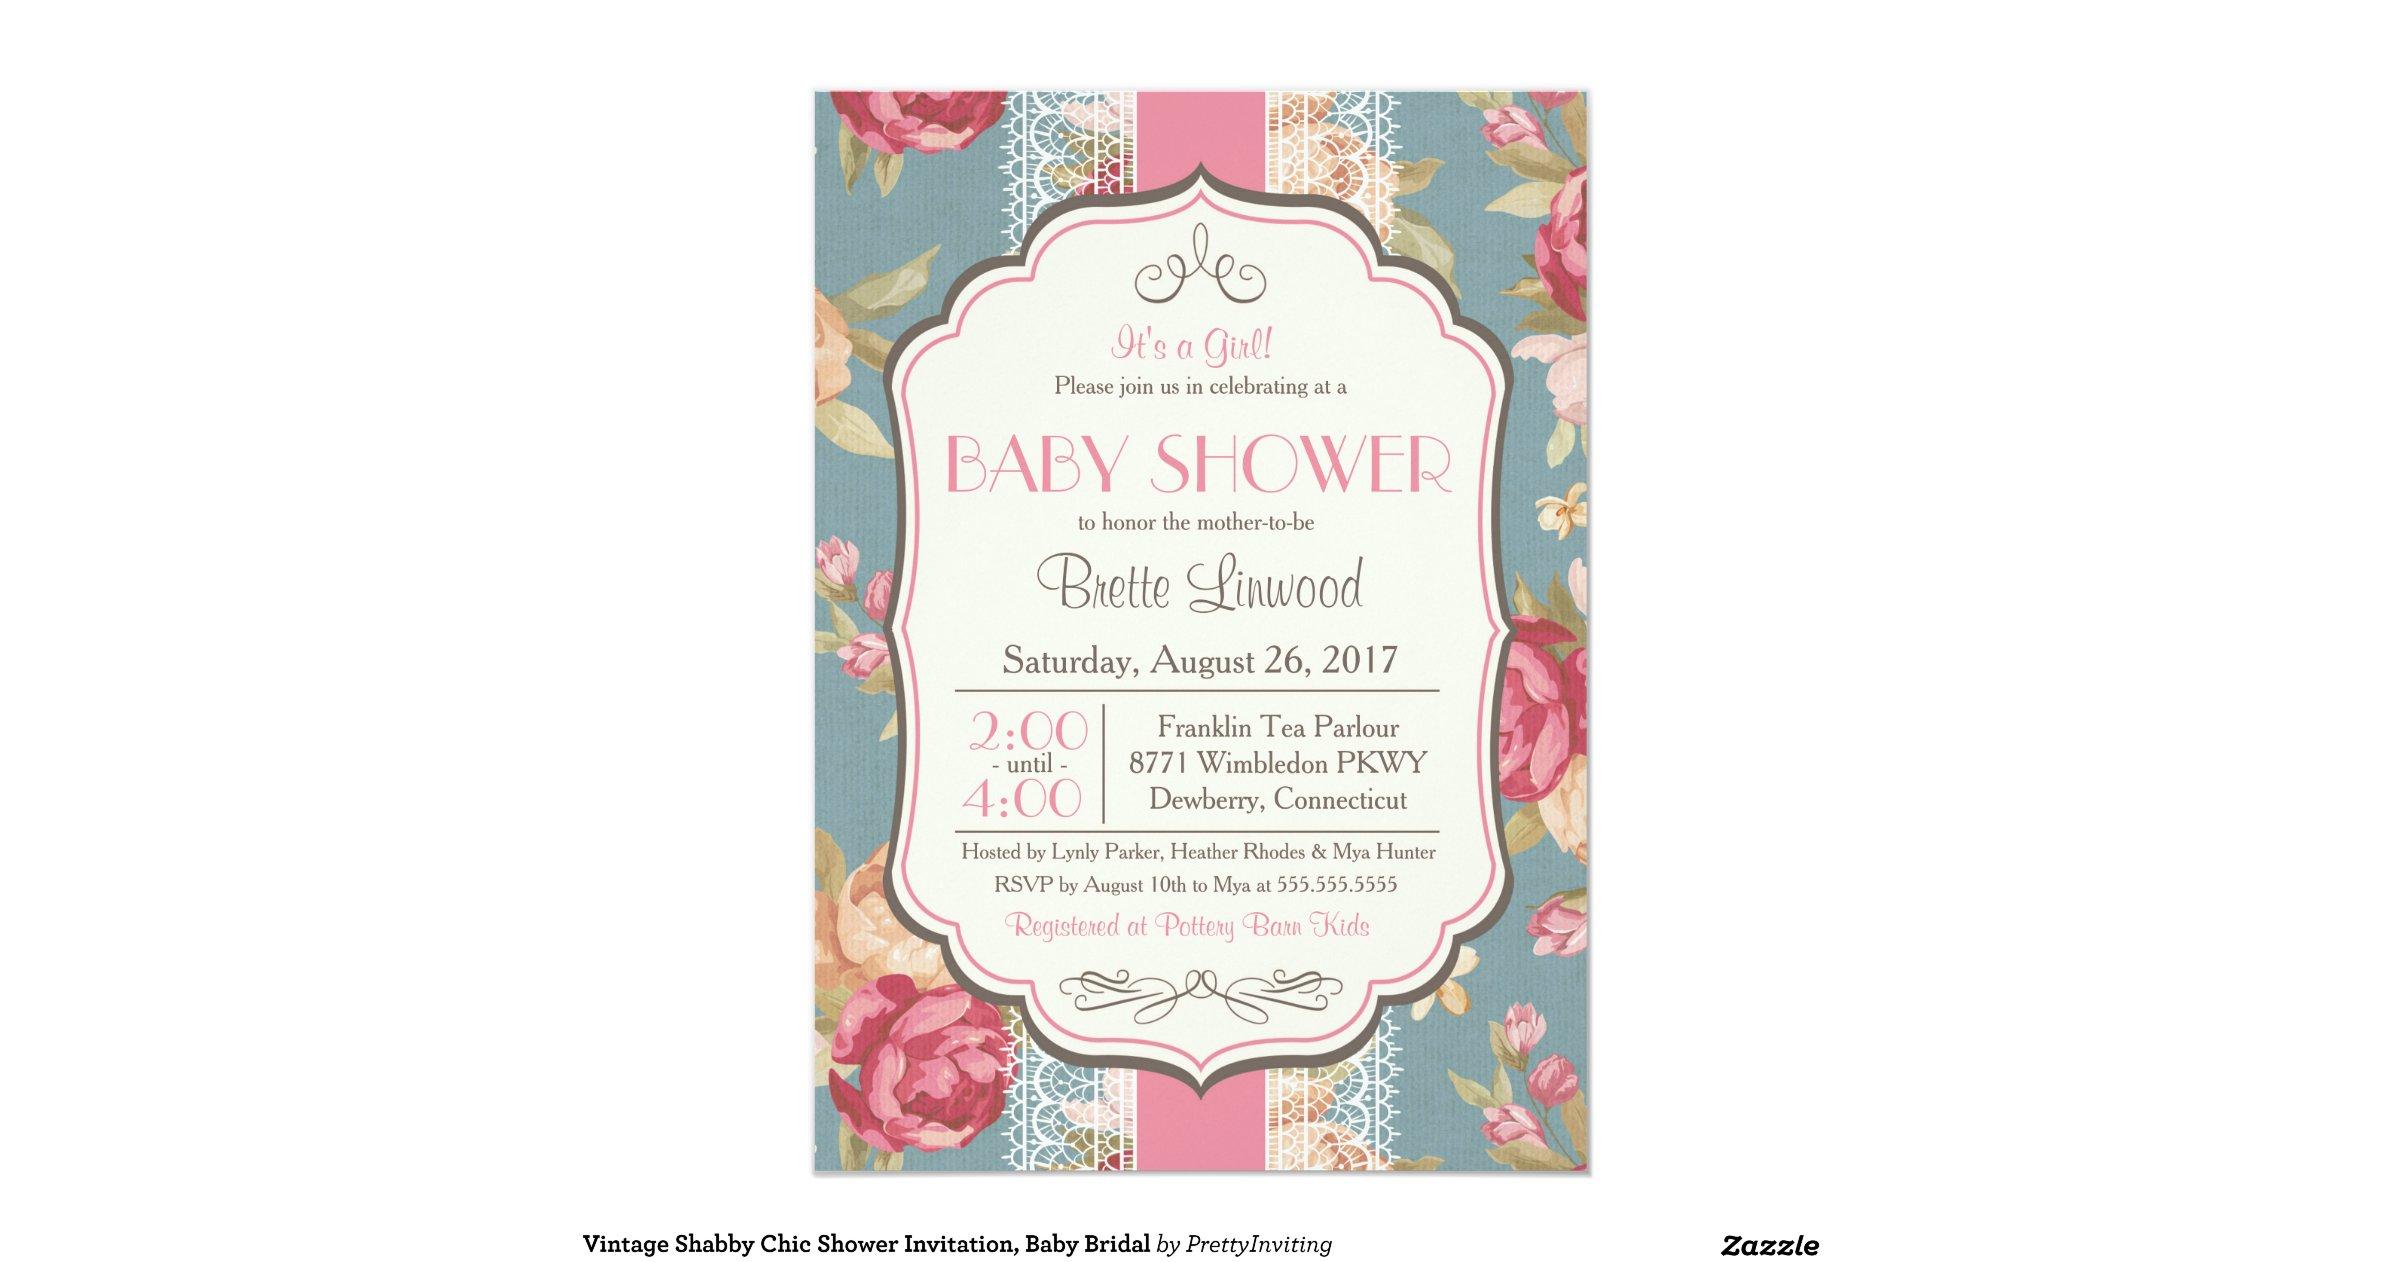 Vintage Shabby Chic Shower Invitation Baby Bridal